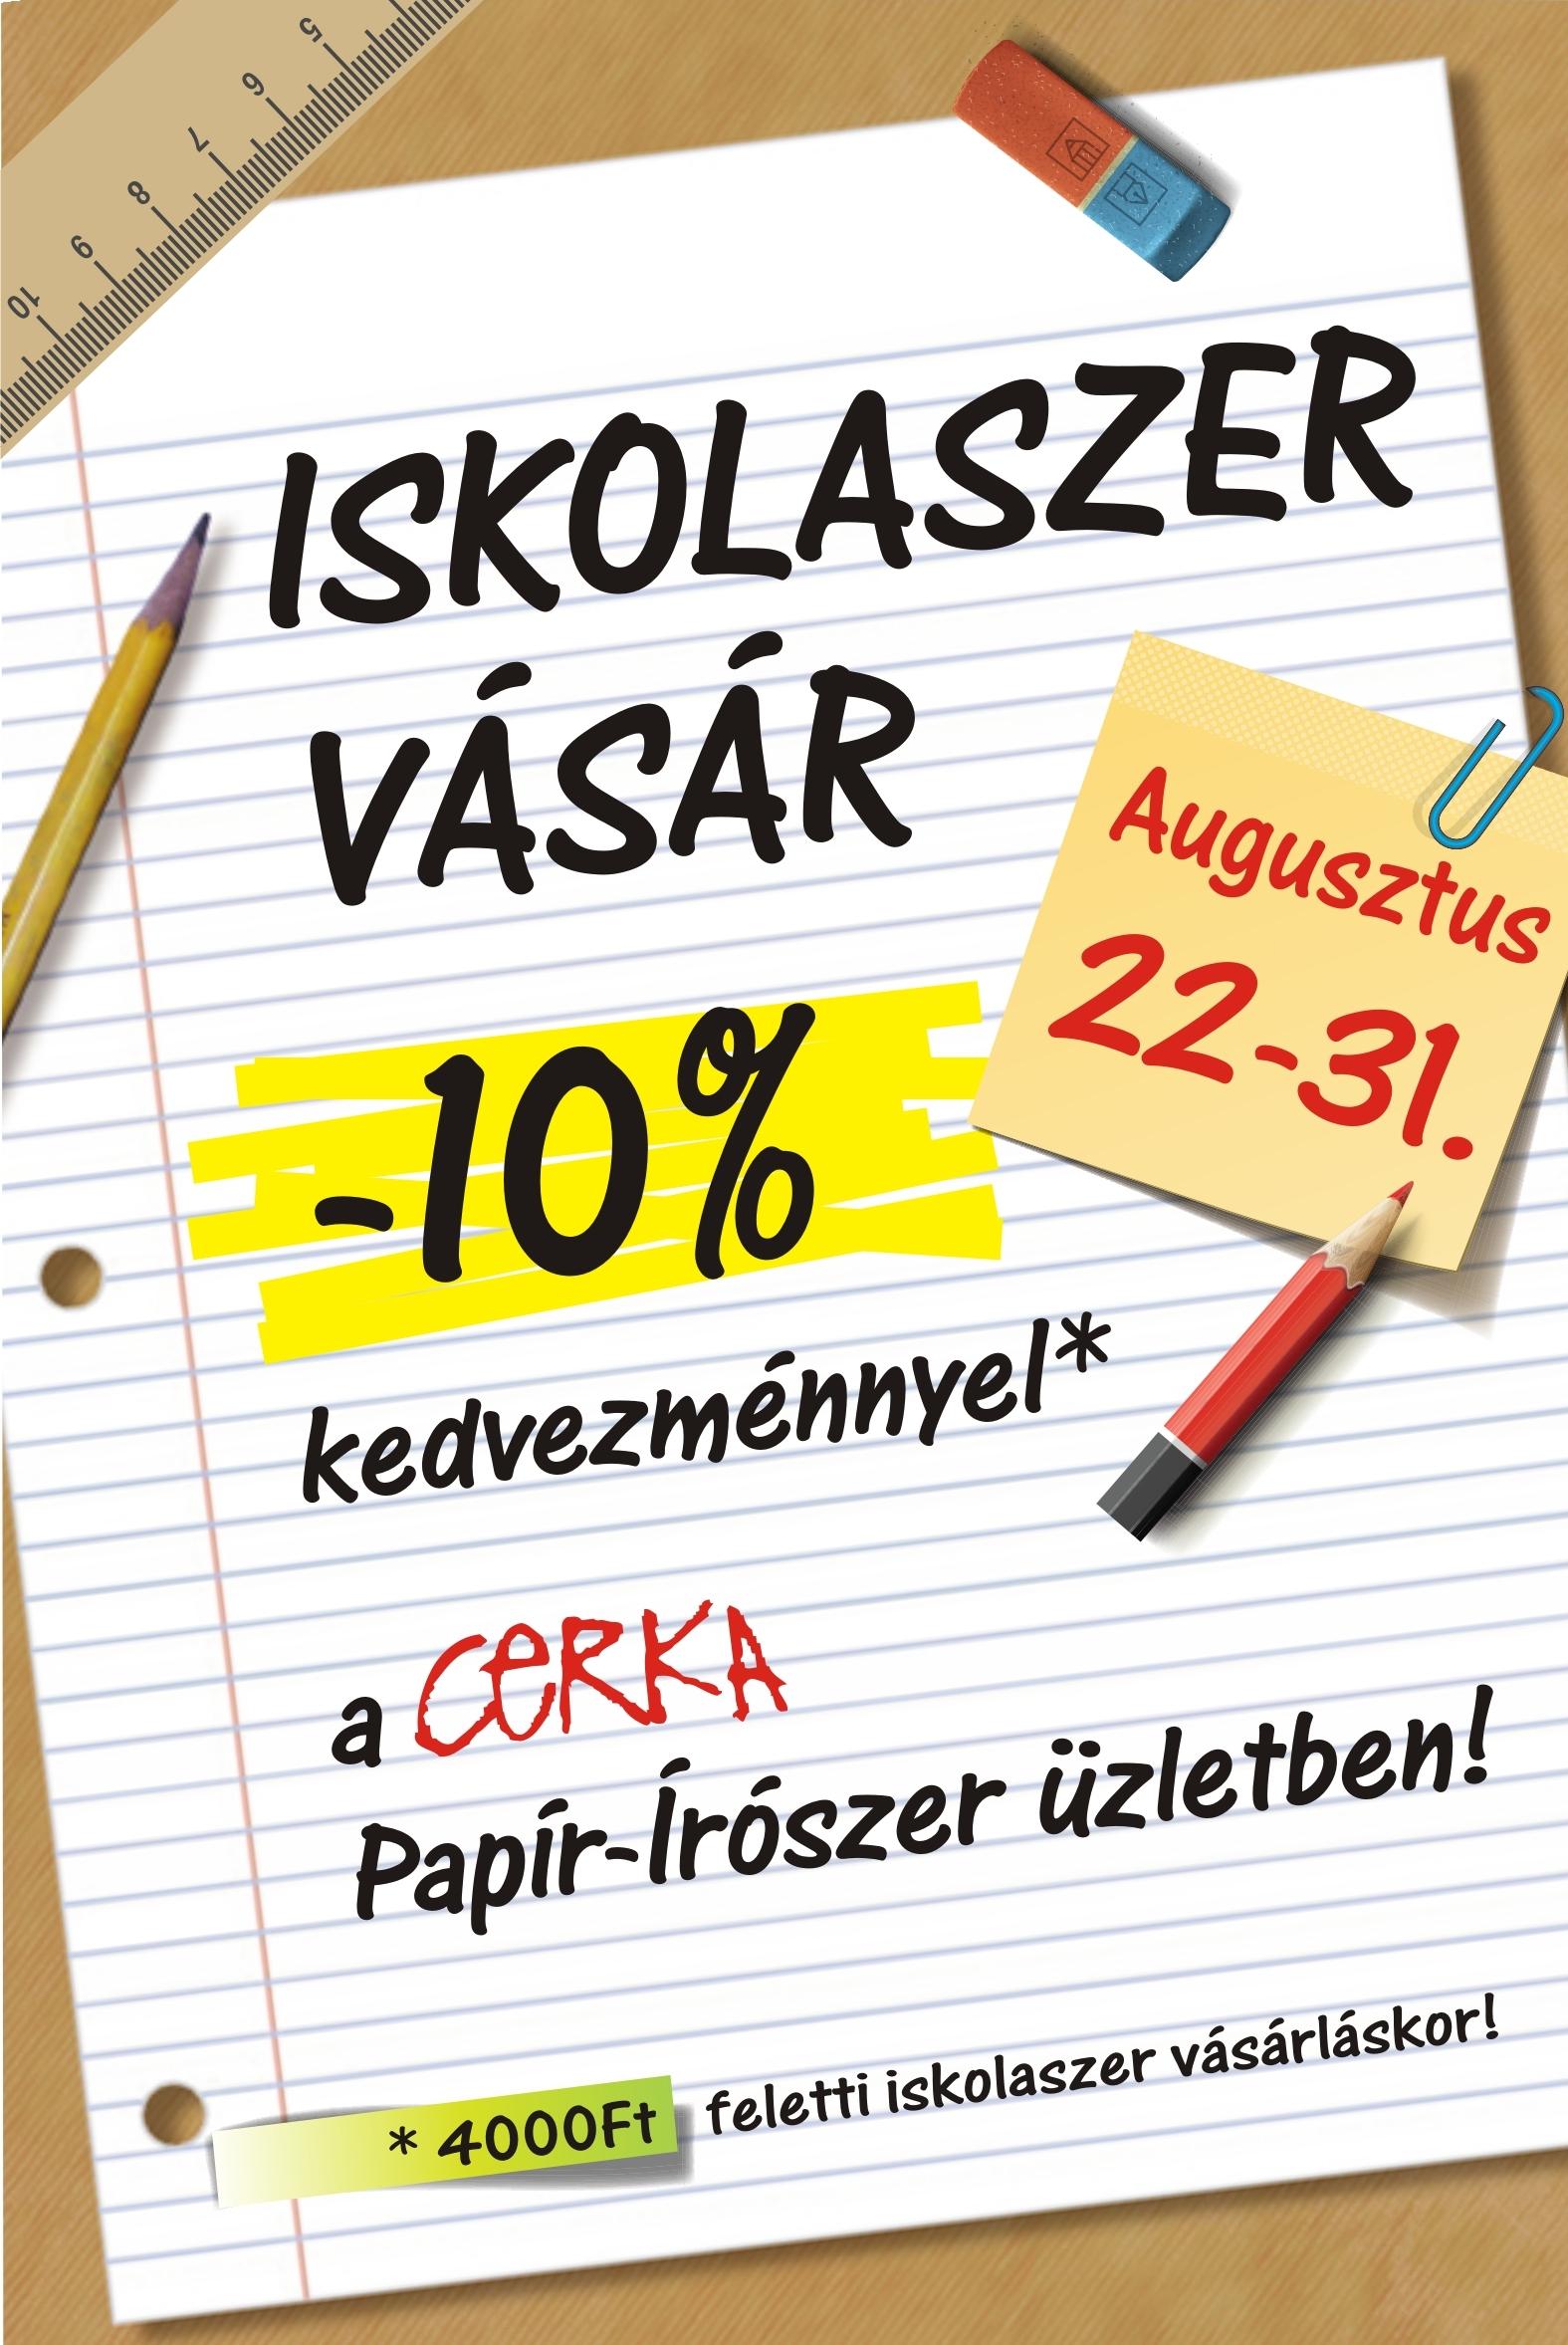 Iskolaszer vásár -10%